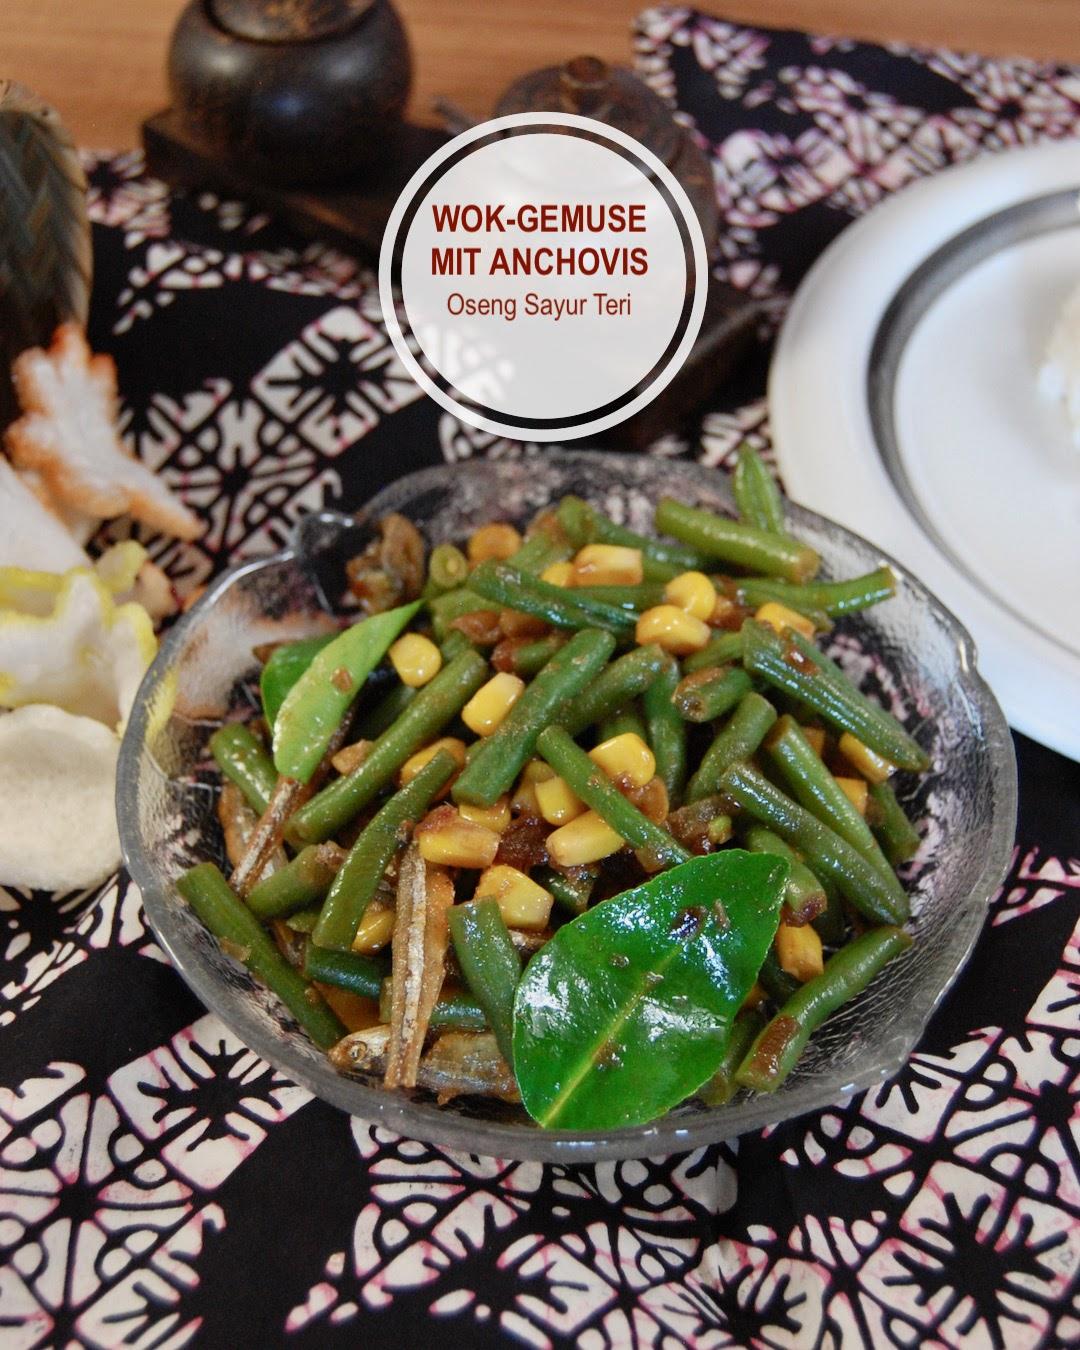 Wok-Gemüse mit Anchovis, Oseng Sayur indonesisch